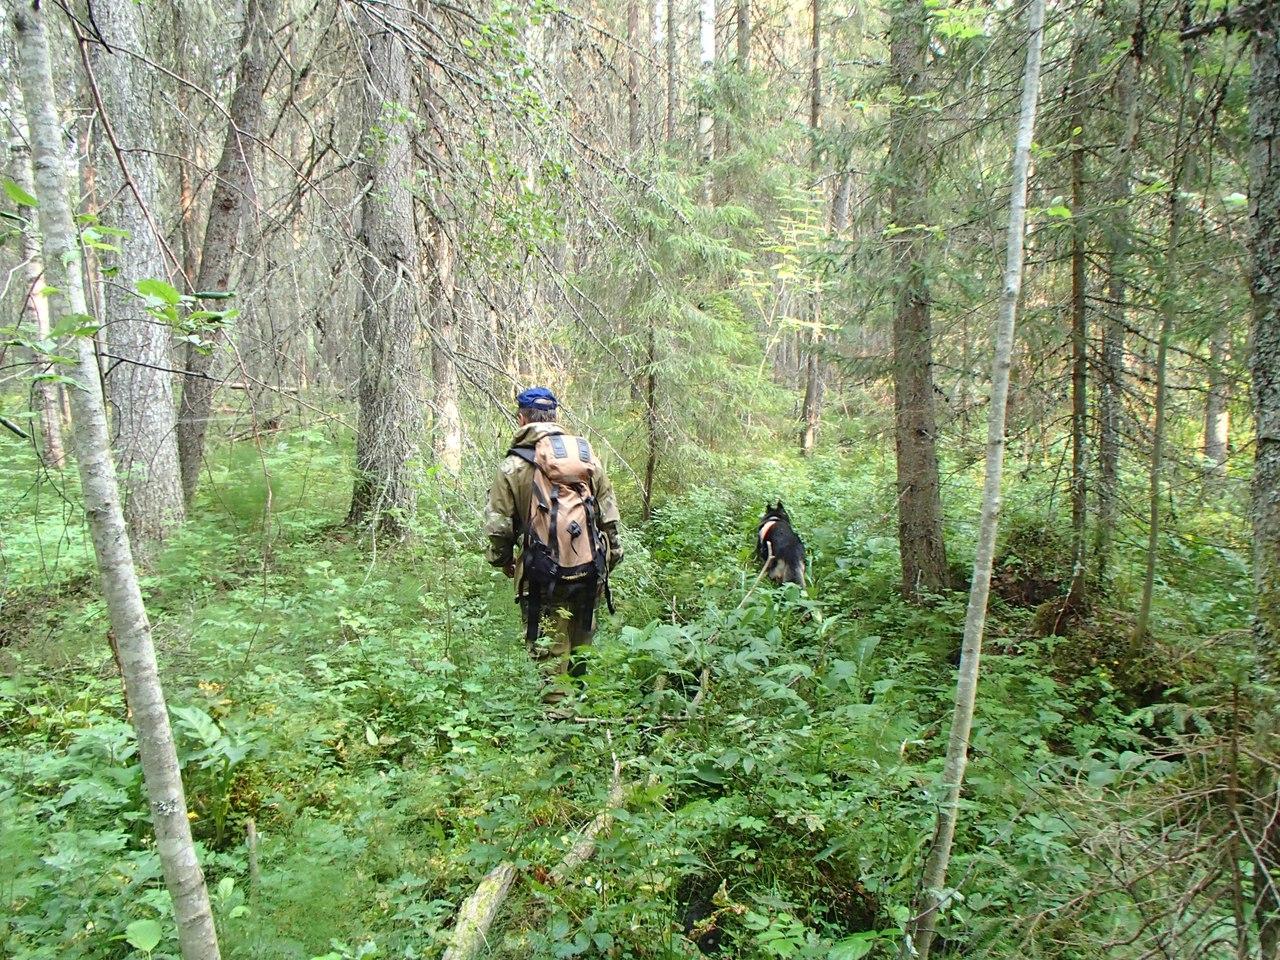 фото группауха в лесу